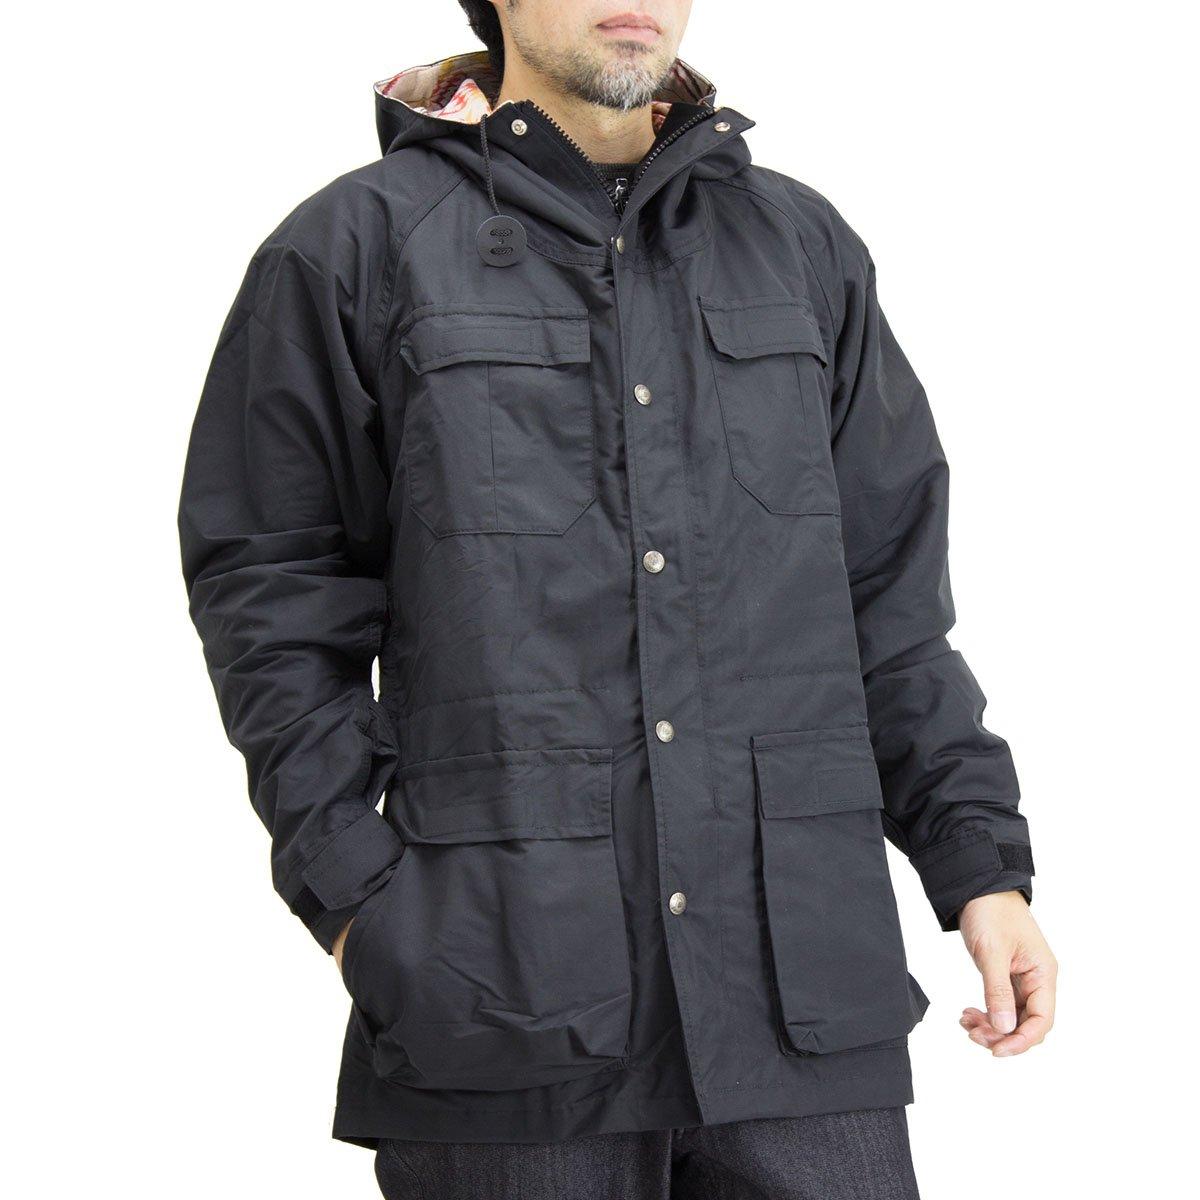 (シェラ デザインズ) SIERRA DESIGNS ペンドルトン T&E マウンテン パーカー 7924L B076BK3N8G S(日本サイズ)|ブラック ブラック S(日本サイズ)